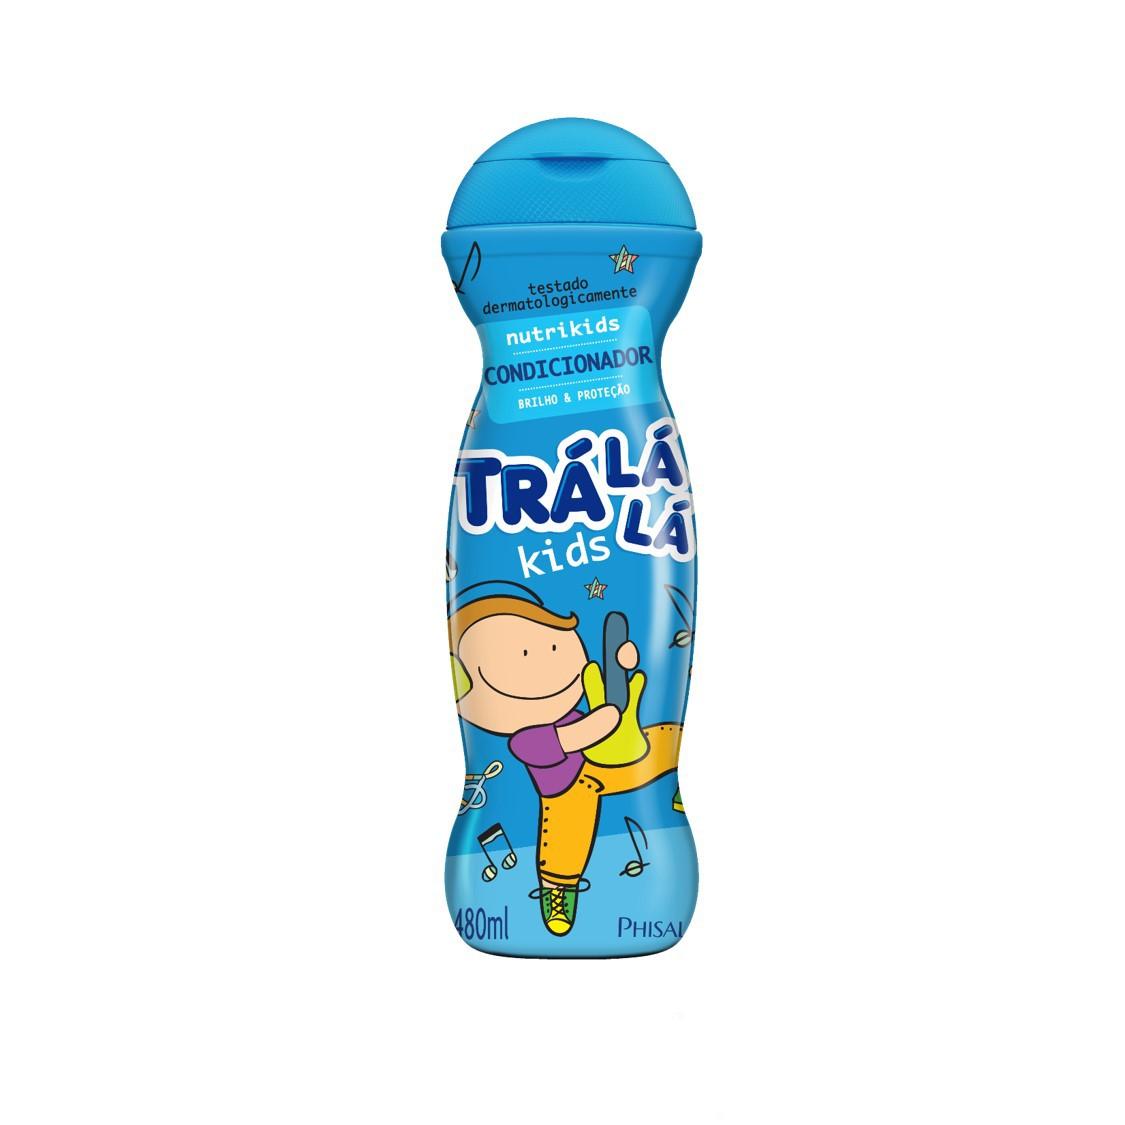 CONDICIONADOR INFANTIL TRALALA KIDS 480ML NUTR MUSI